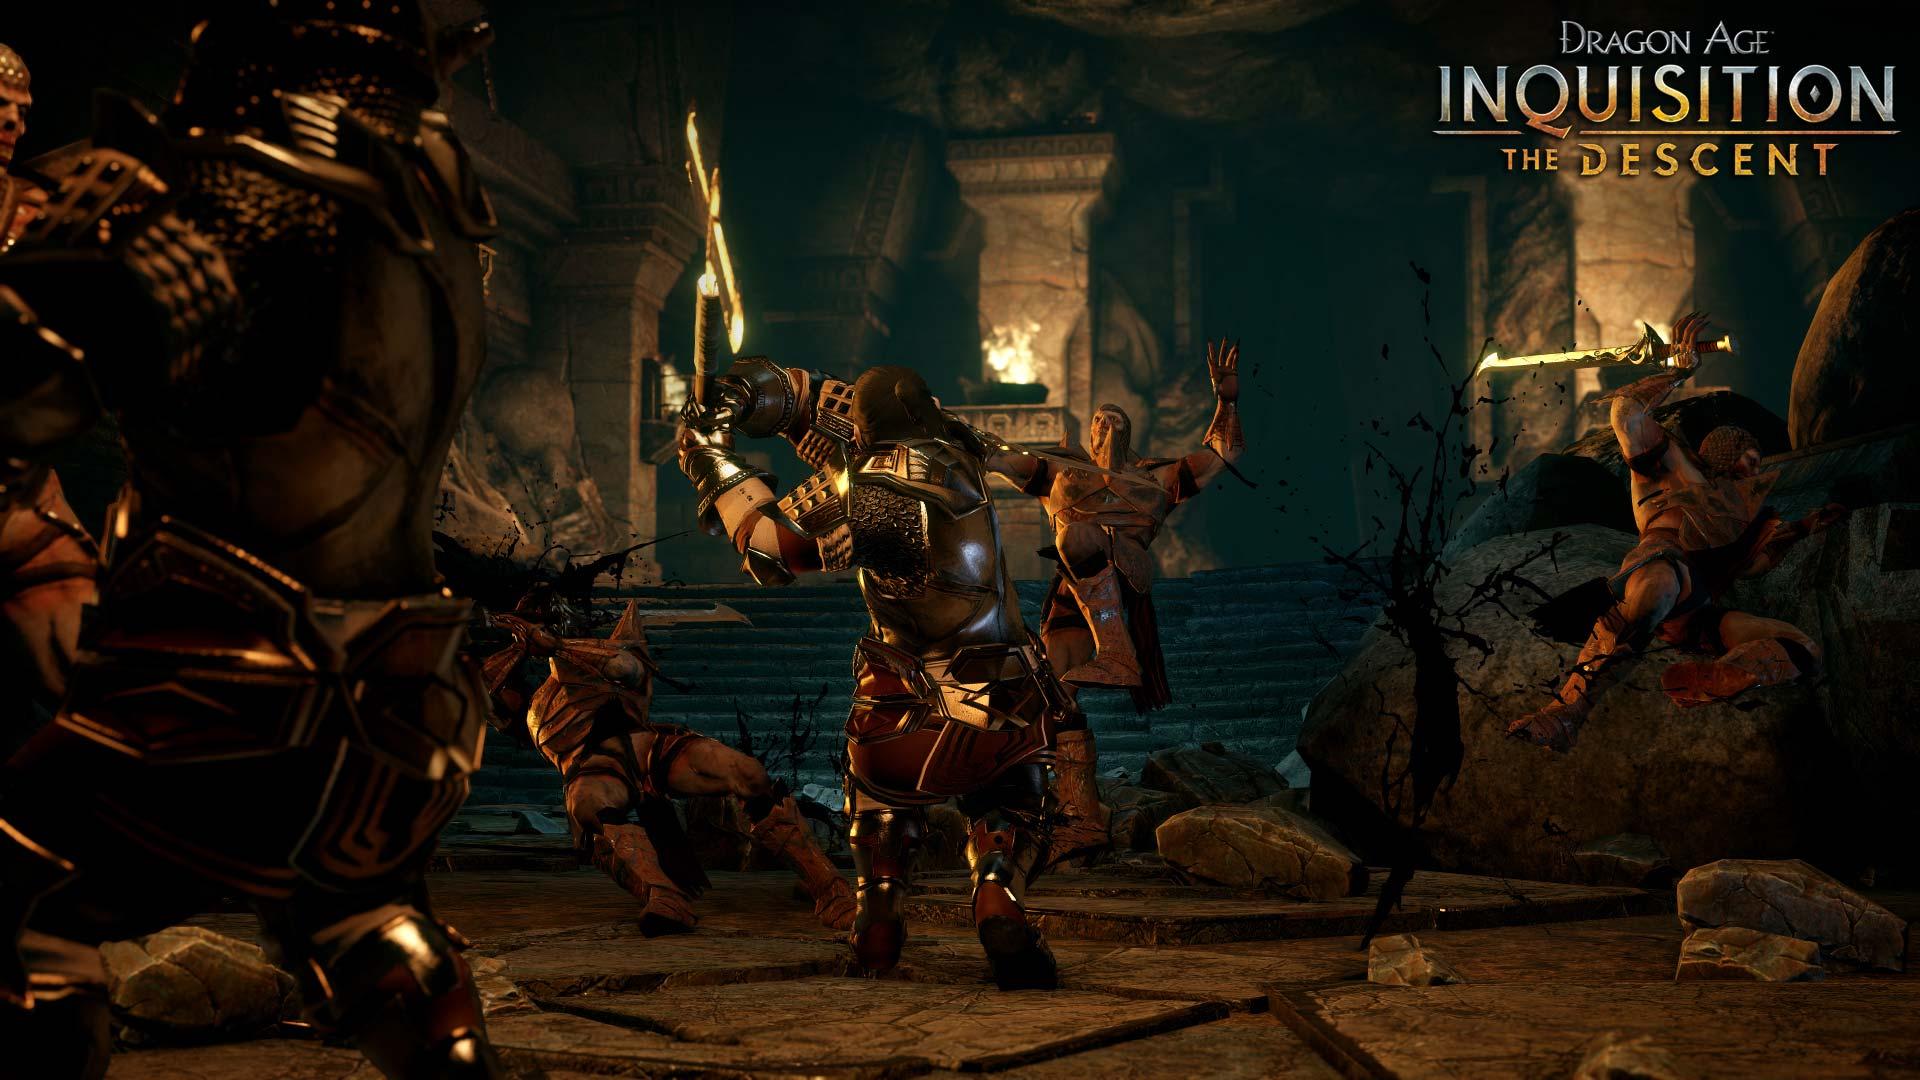 Oznámeno nové singleplayerové DLC pro Dragon Age: Inquisition 112592